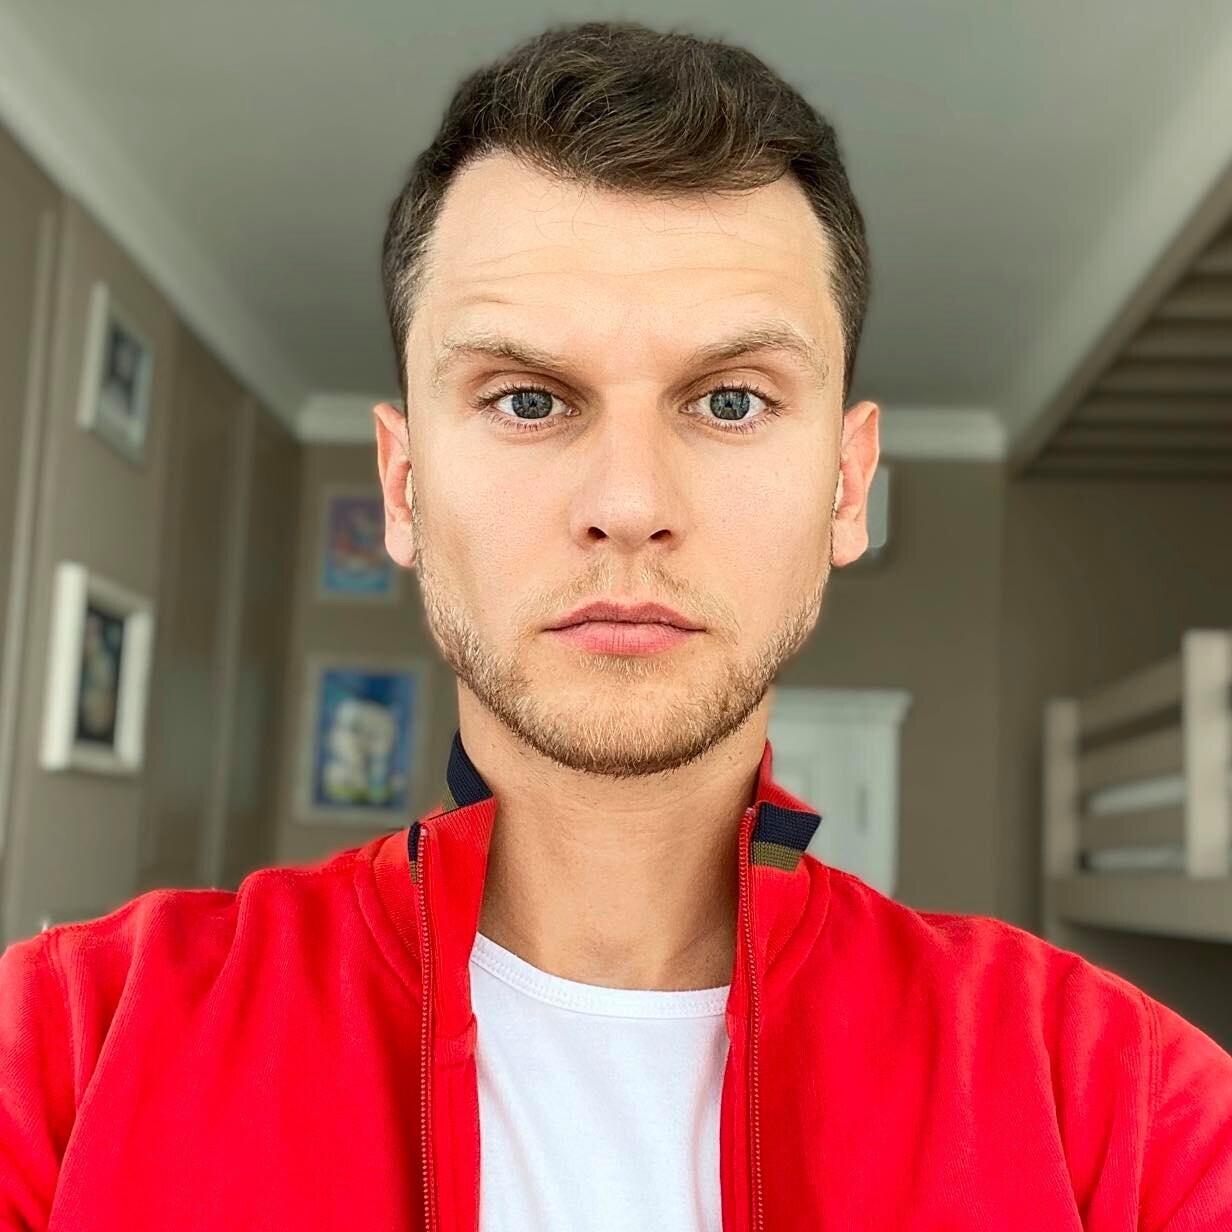 Плейлист под ситуацию: что слушал создатель MSQRD Евгений Невгень после закрытия сделки с Facebook